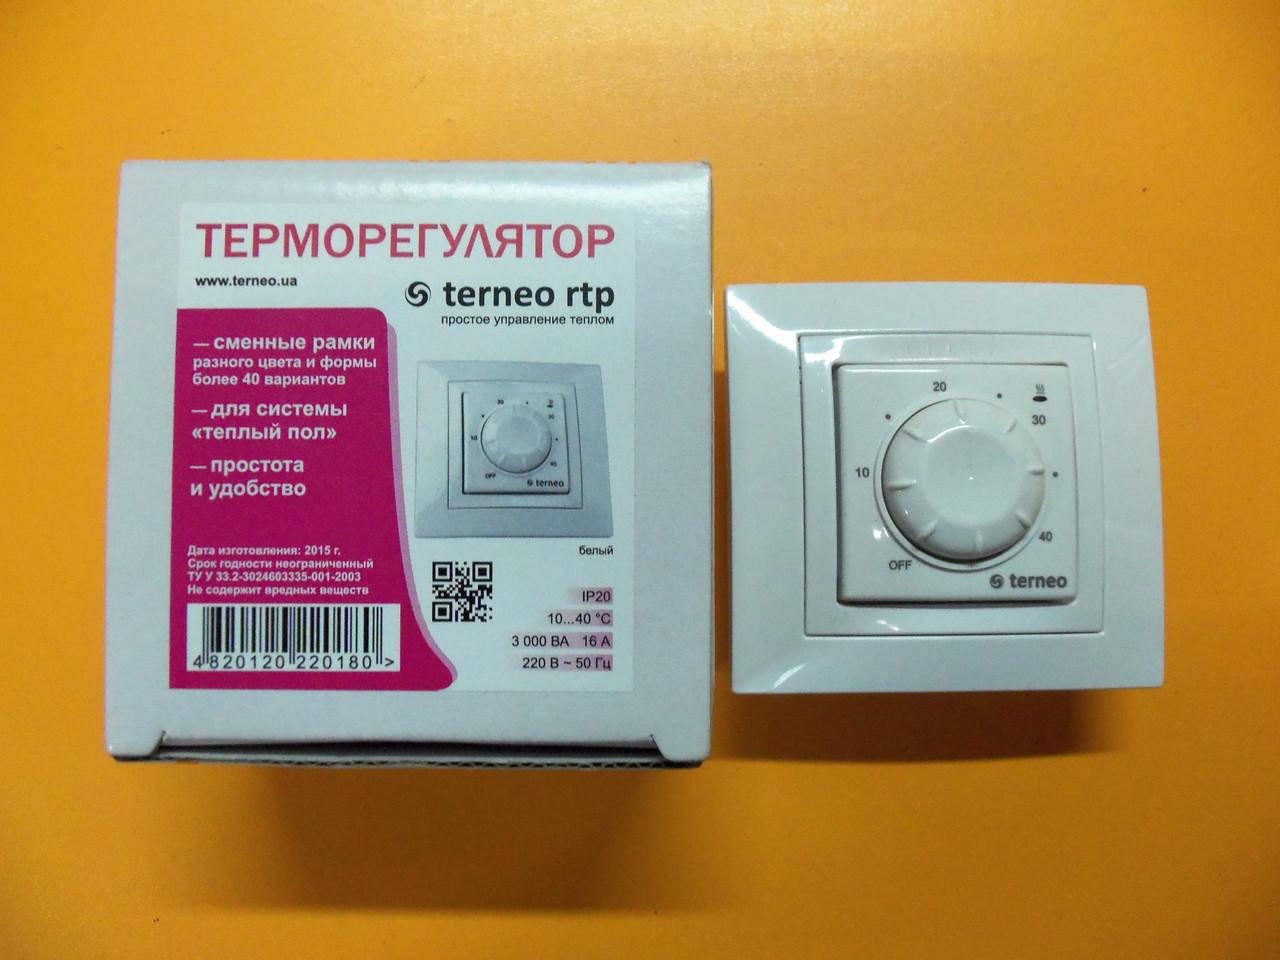 Терморегулятор terneo rtp для тёплого пола